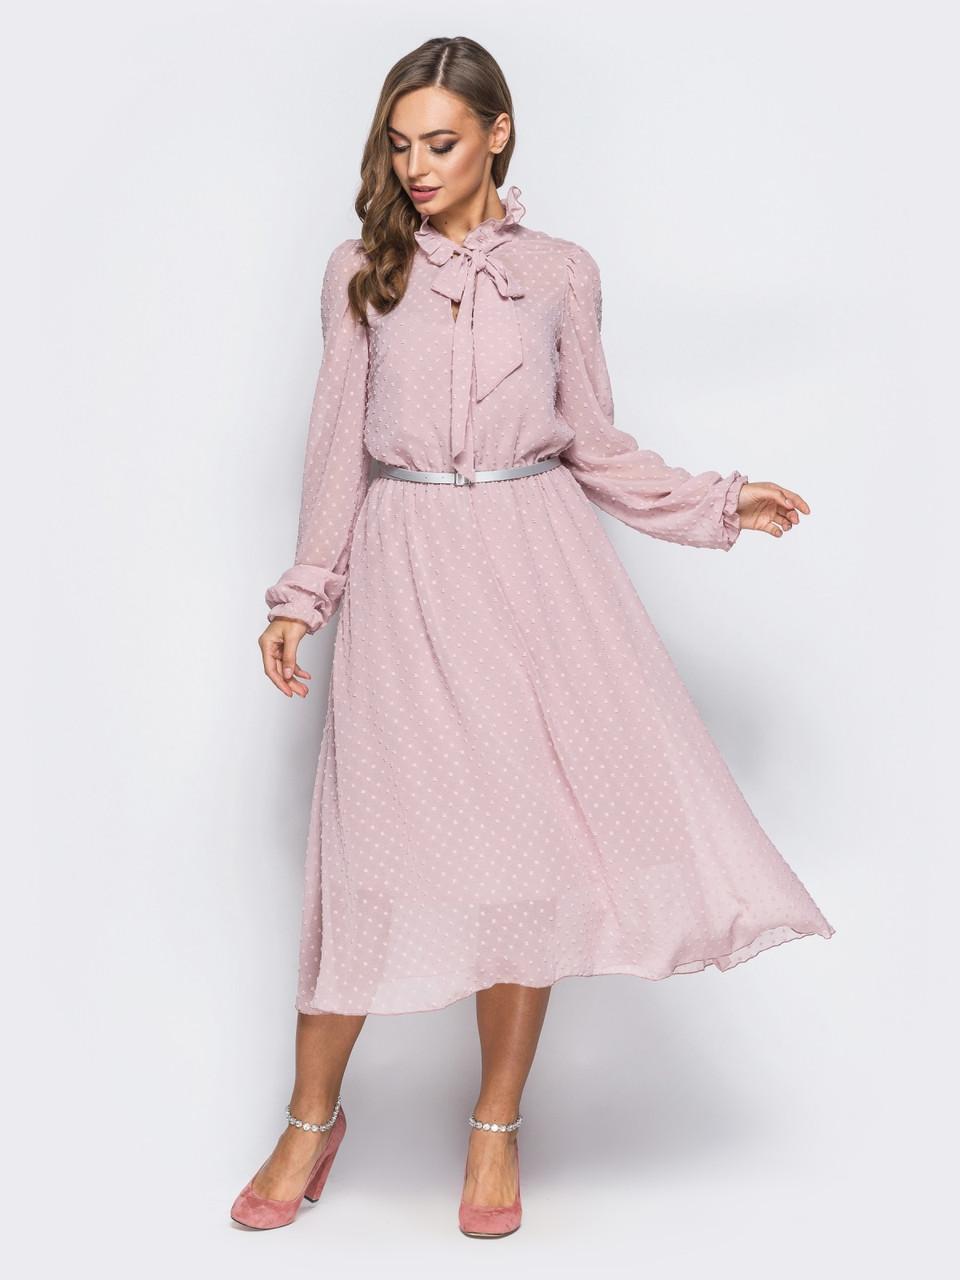 Повітряне плаття з шифону в фактурний